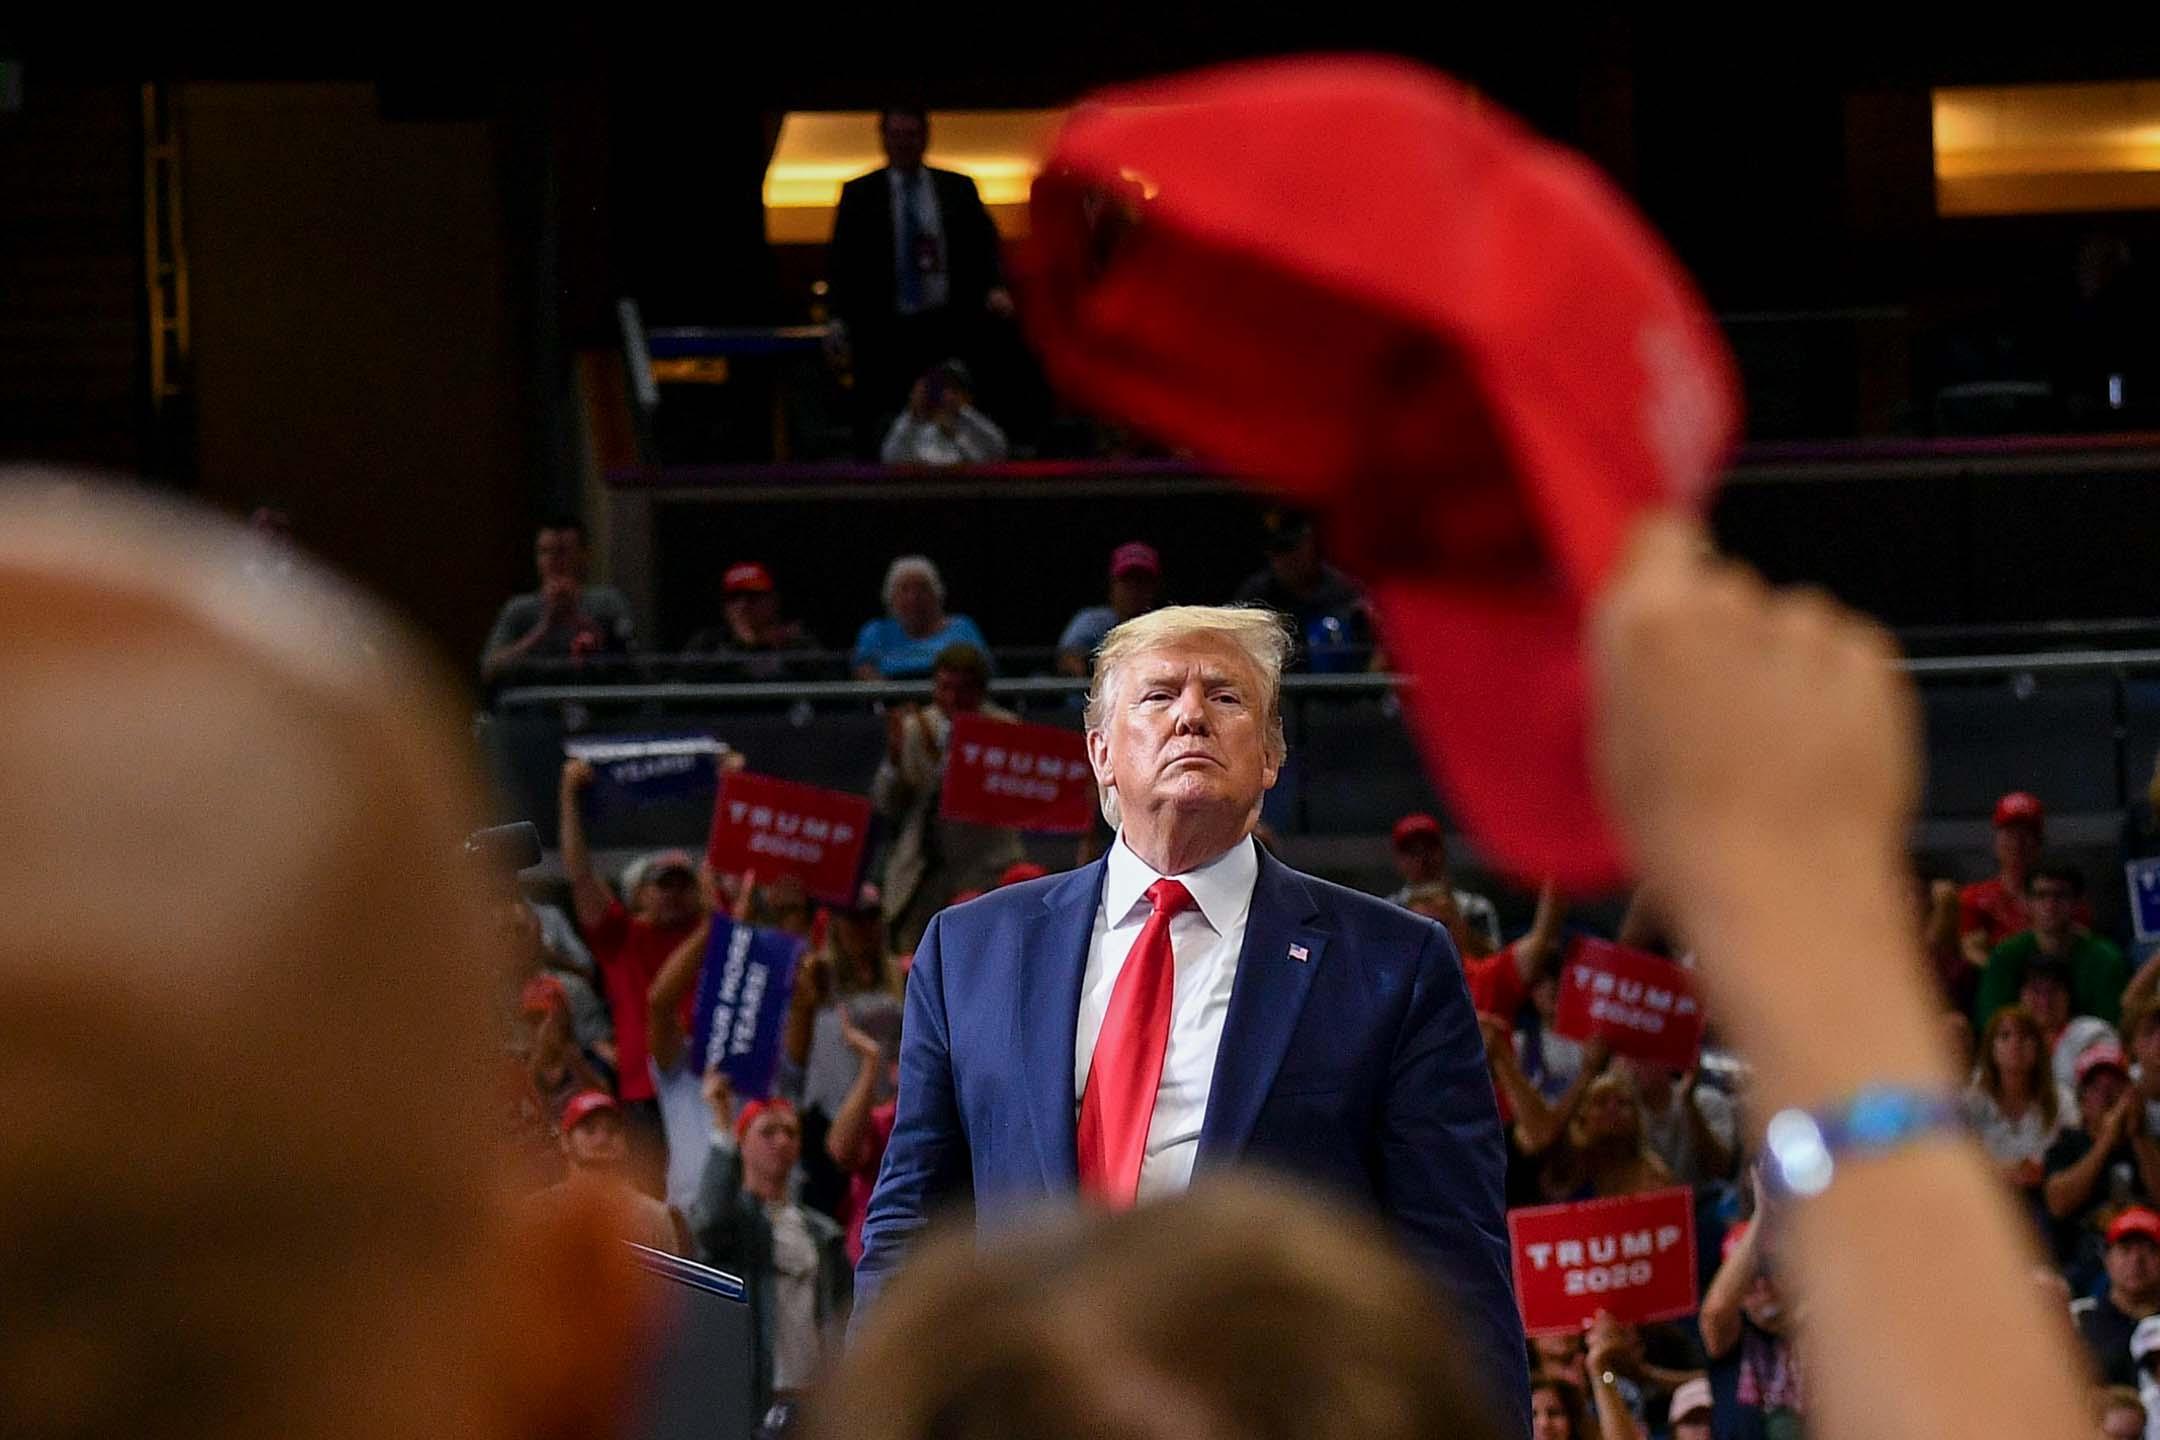 2019年6月18日,美國總統唐特朗普在正式啟動2020年競選活動,在佛羅里達州奧蘭多市安利中心的一次集會上發表講話。 攝:Mandel Ngan/AFP via Getty Images